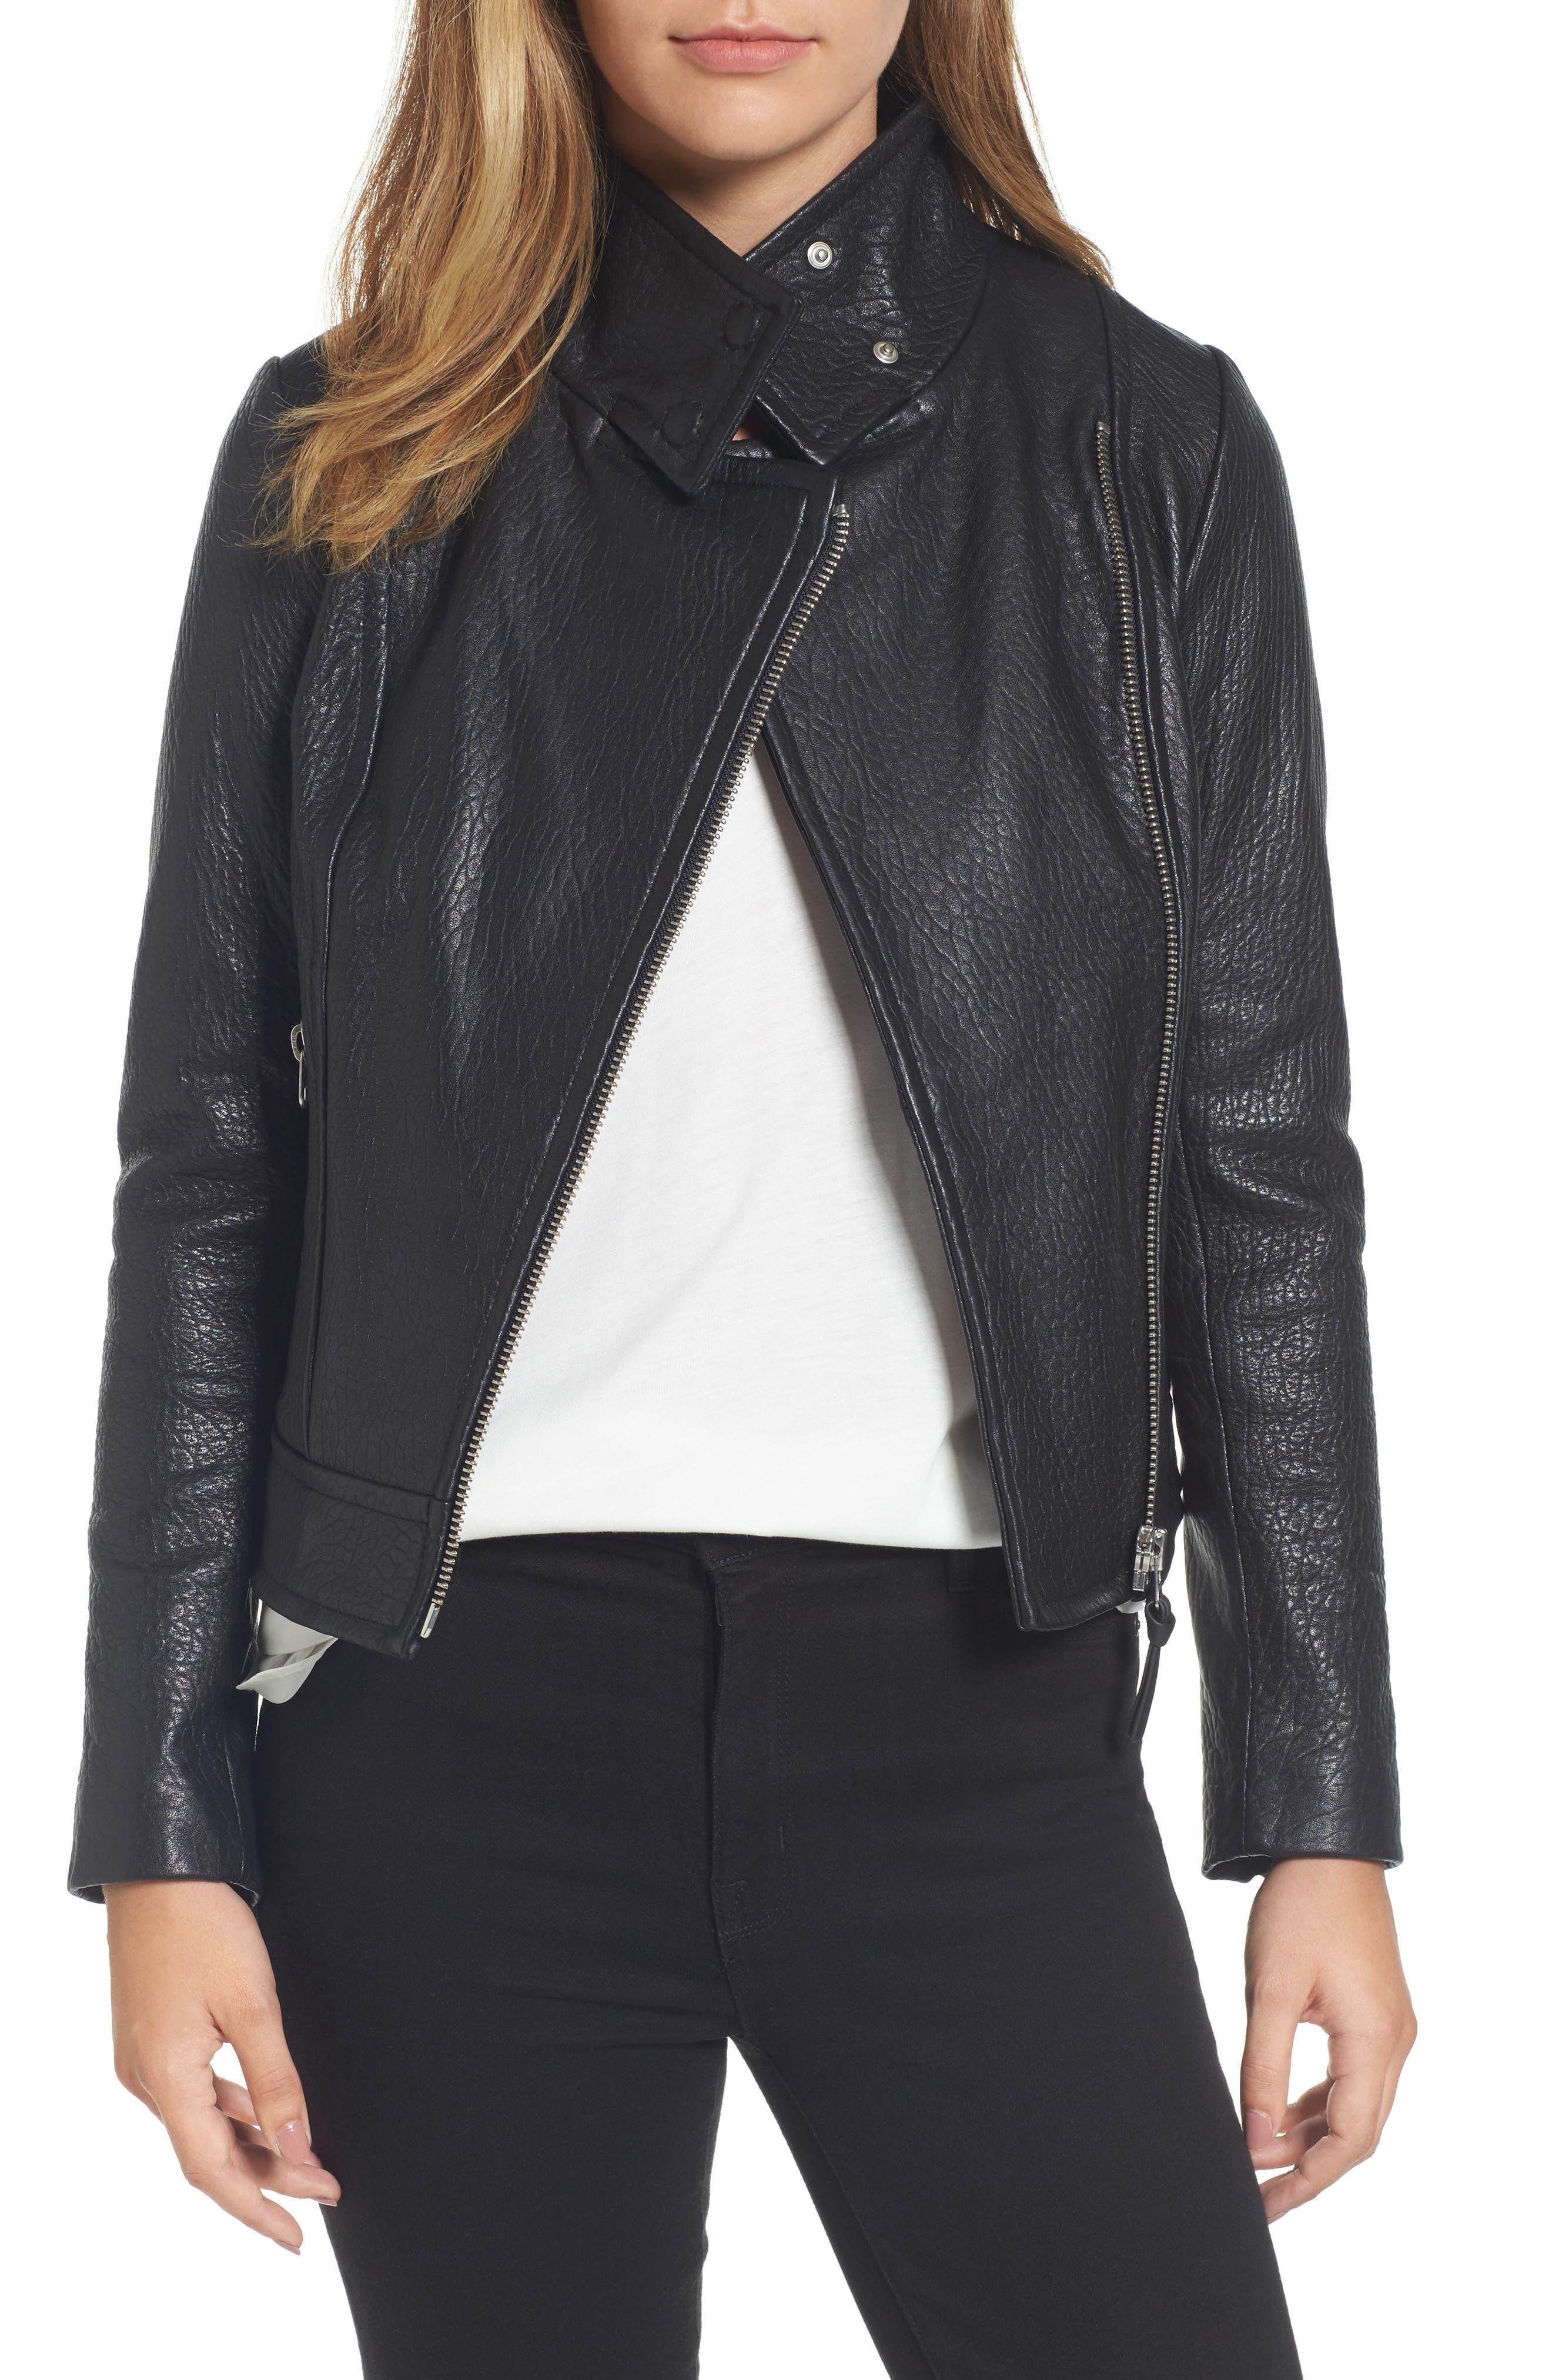 Mackage Lisa Signature Leather Jacket